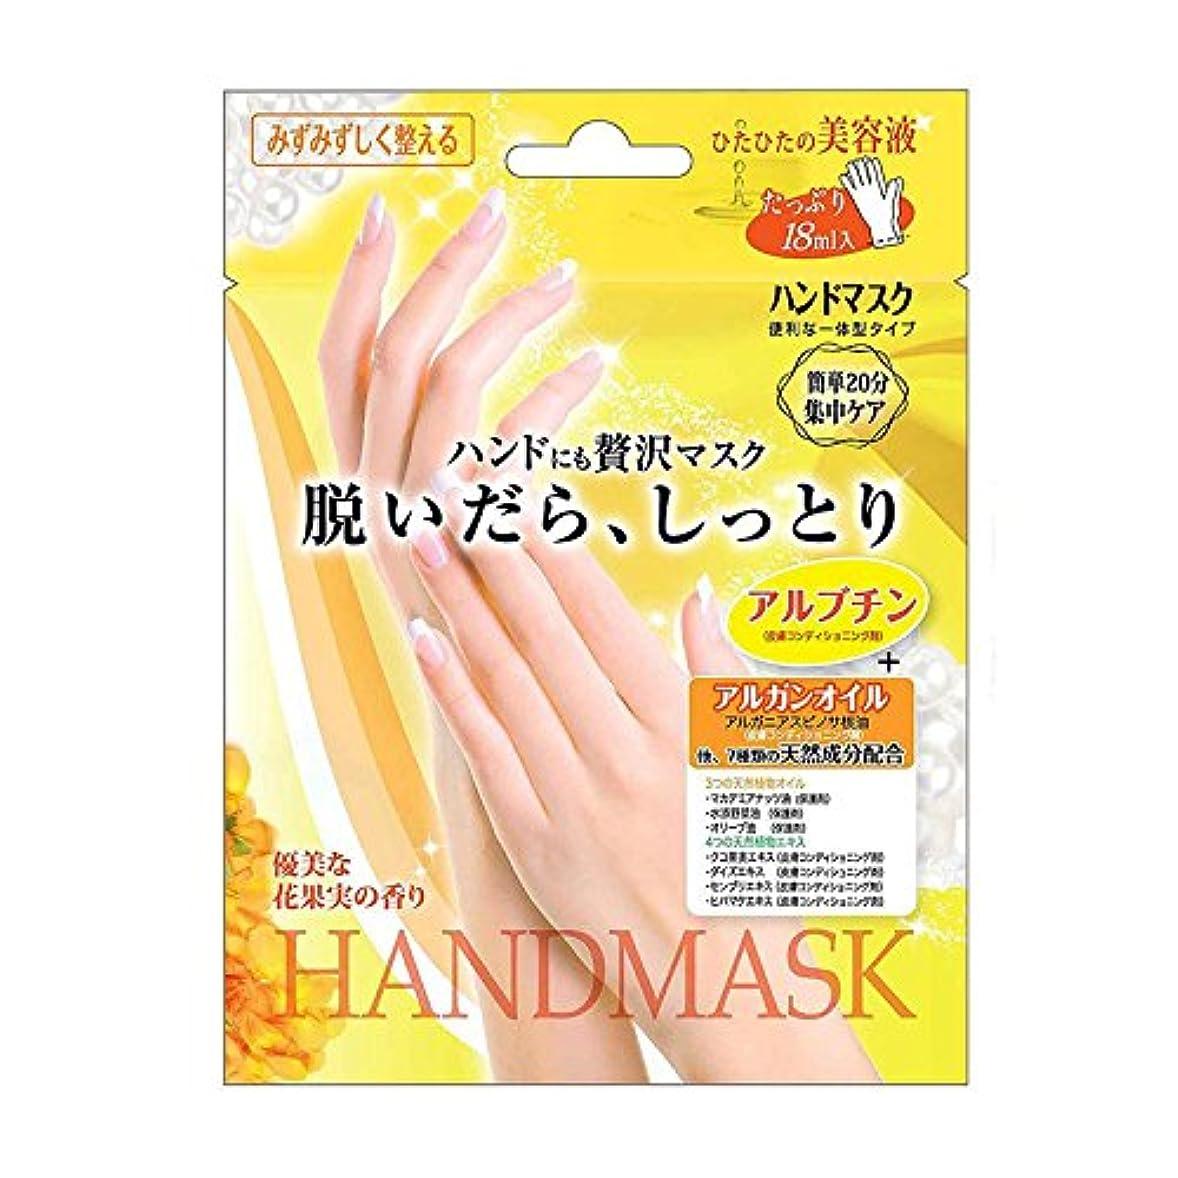 マングル同僚シートビューティーワールド ハンドにも贅沢マスク 脱いだら、しっとりハンドマスク 6個セット